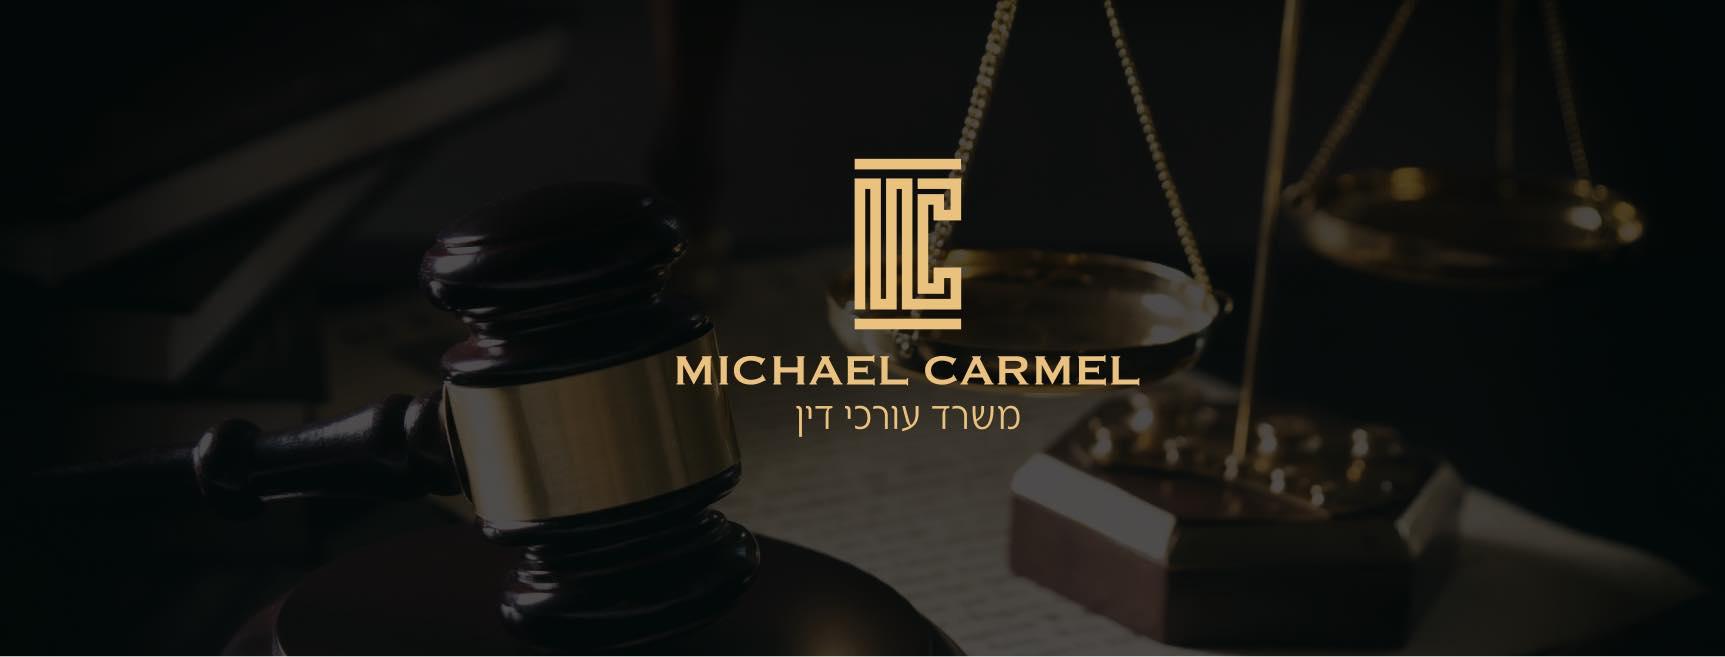 משרד עורכי דין מיכאל כרמל